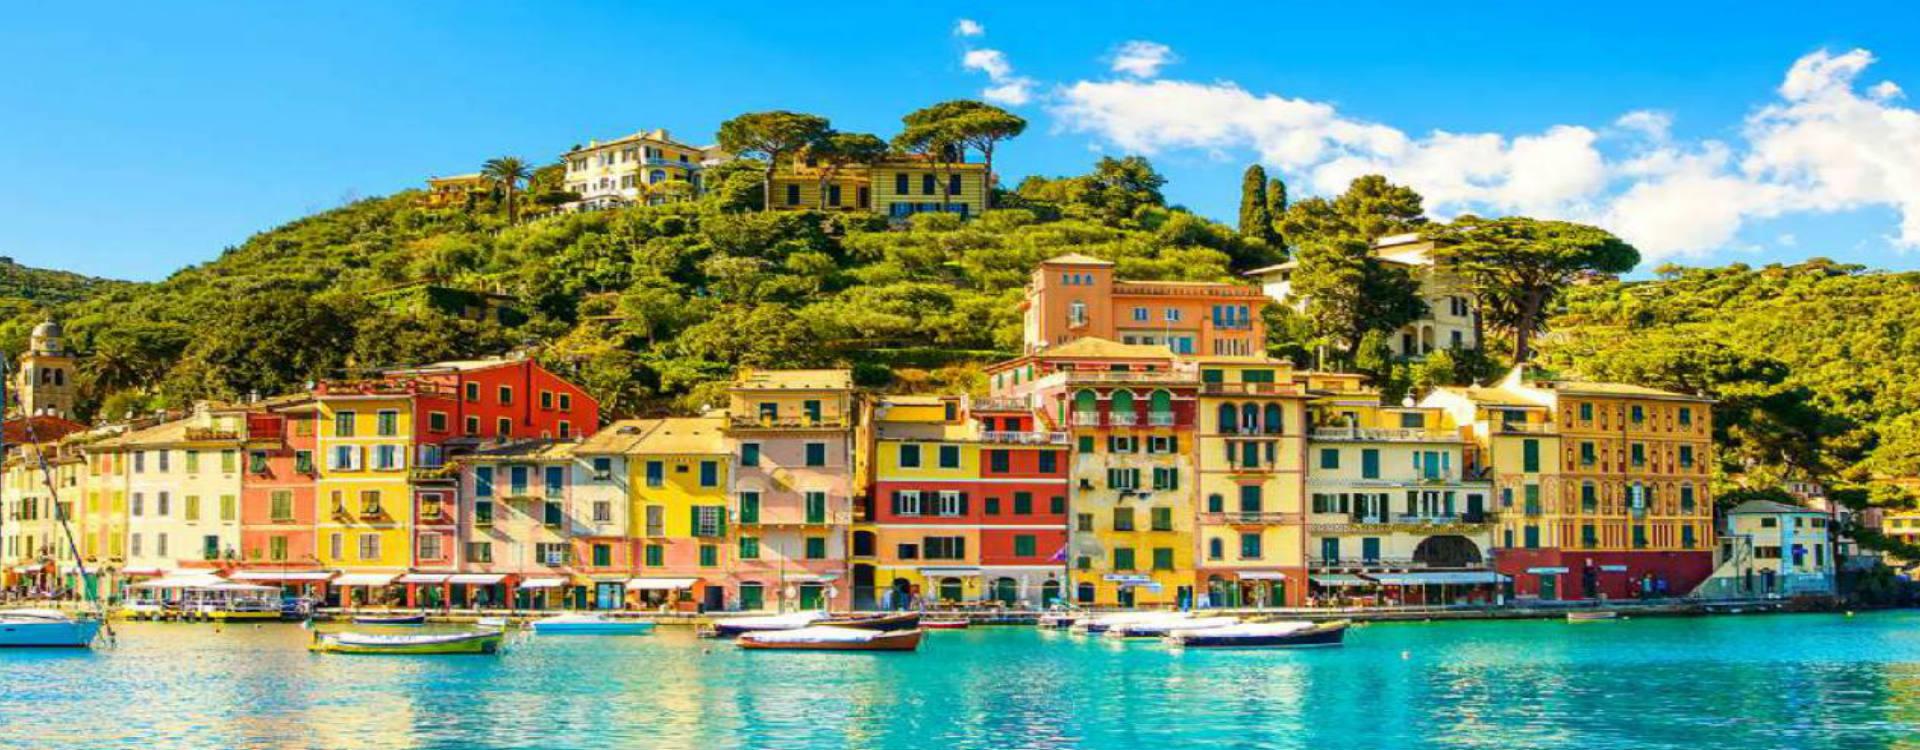 Excursiones Cruceros Portofino - Tour Privado